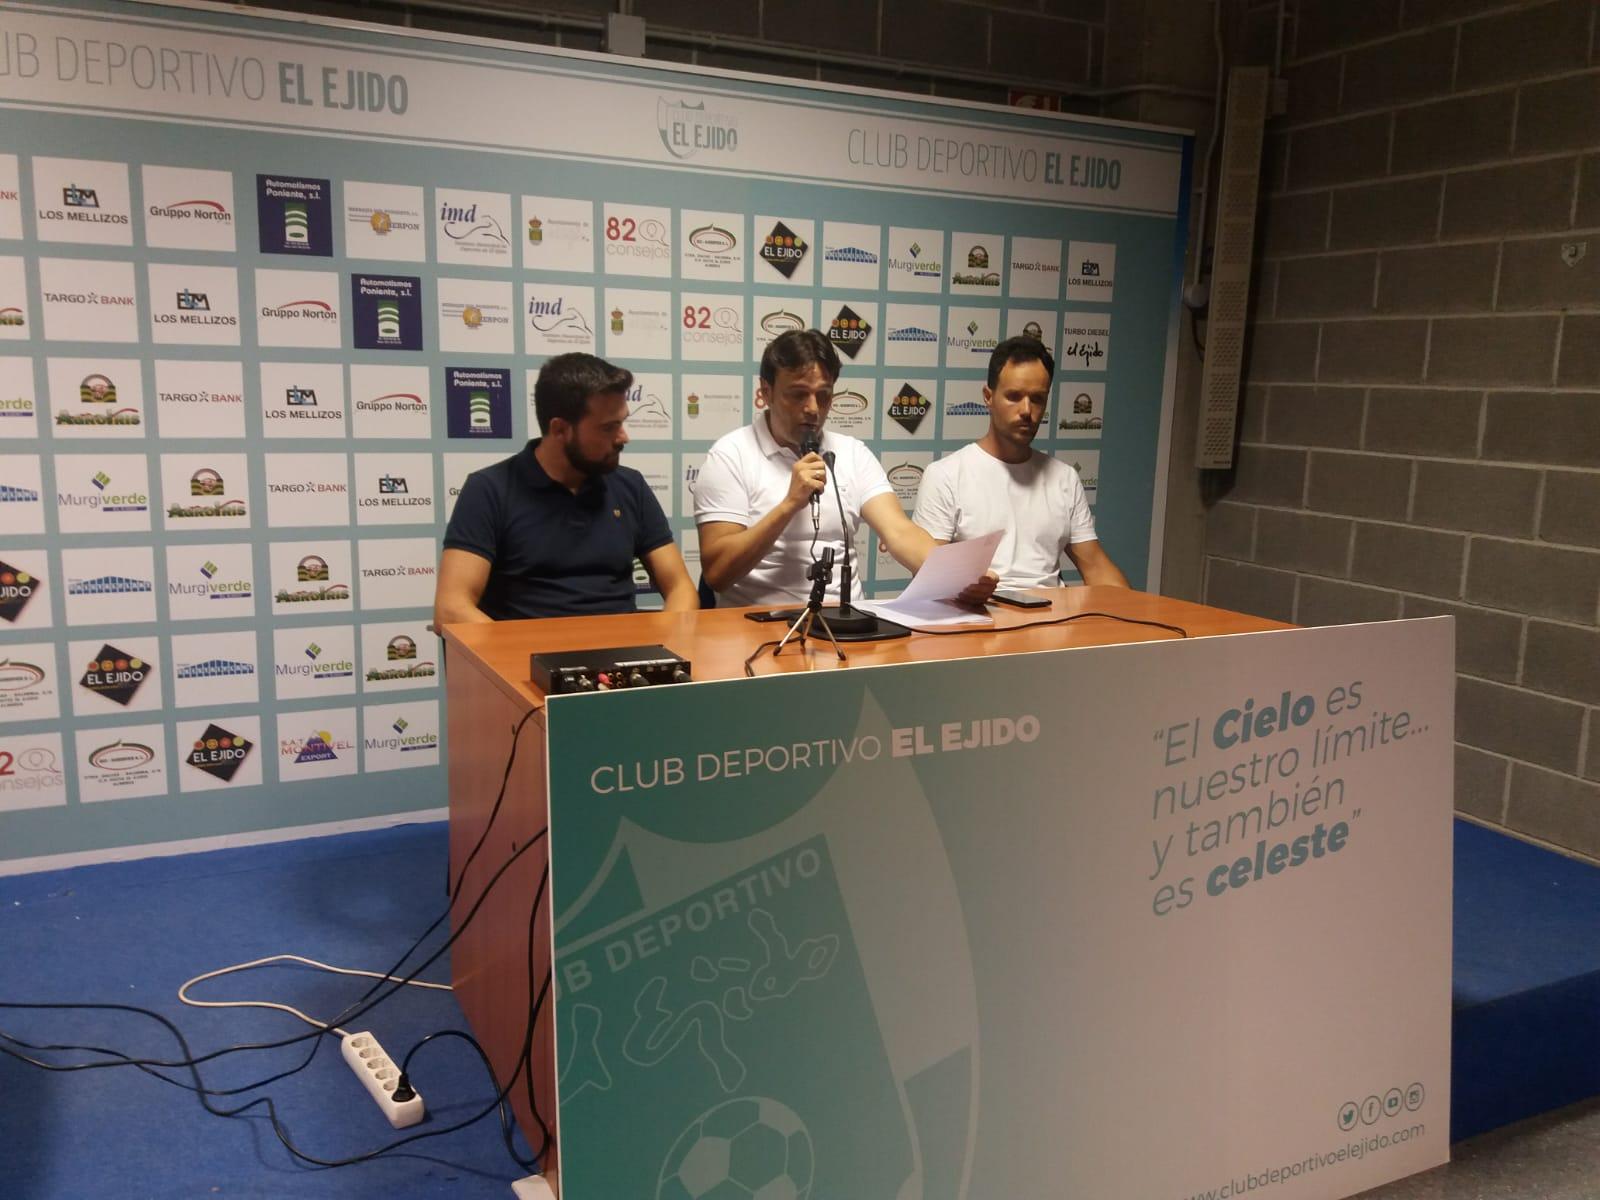 Carlos Sánchez dimite como entrenador del equipo juvenil del CD El Ejido por motivos personales